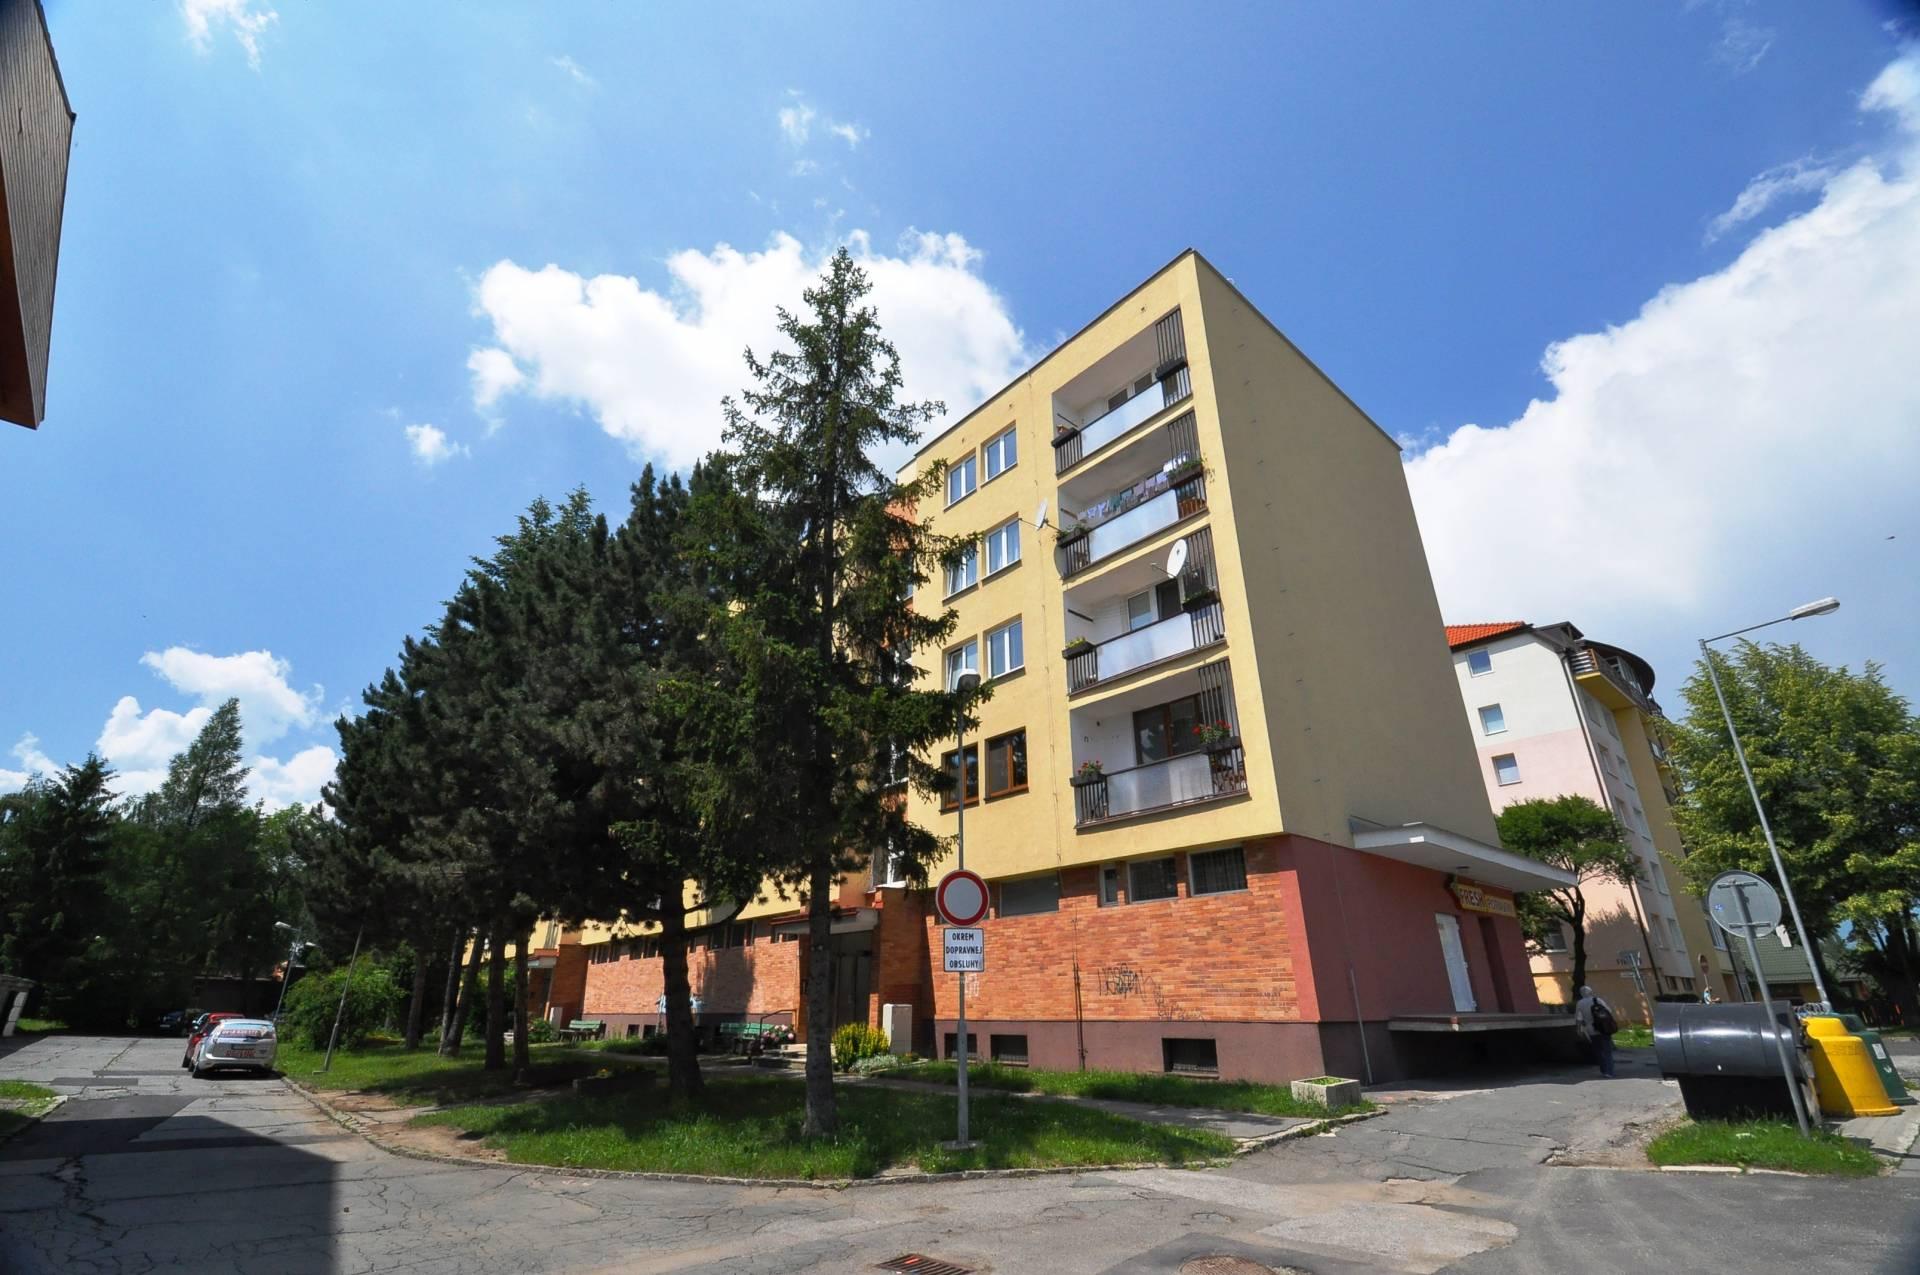 Prenájom bytu (3 izbový) 113 m2, Poprad - PRENÁJOM, 3-izbový byt, Poprad, Ul. Popradskej brigády,